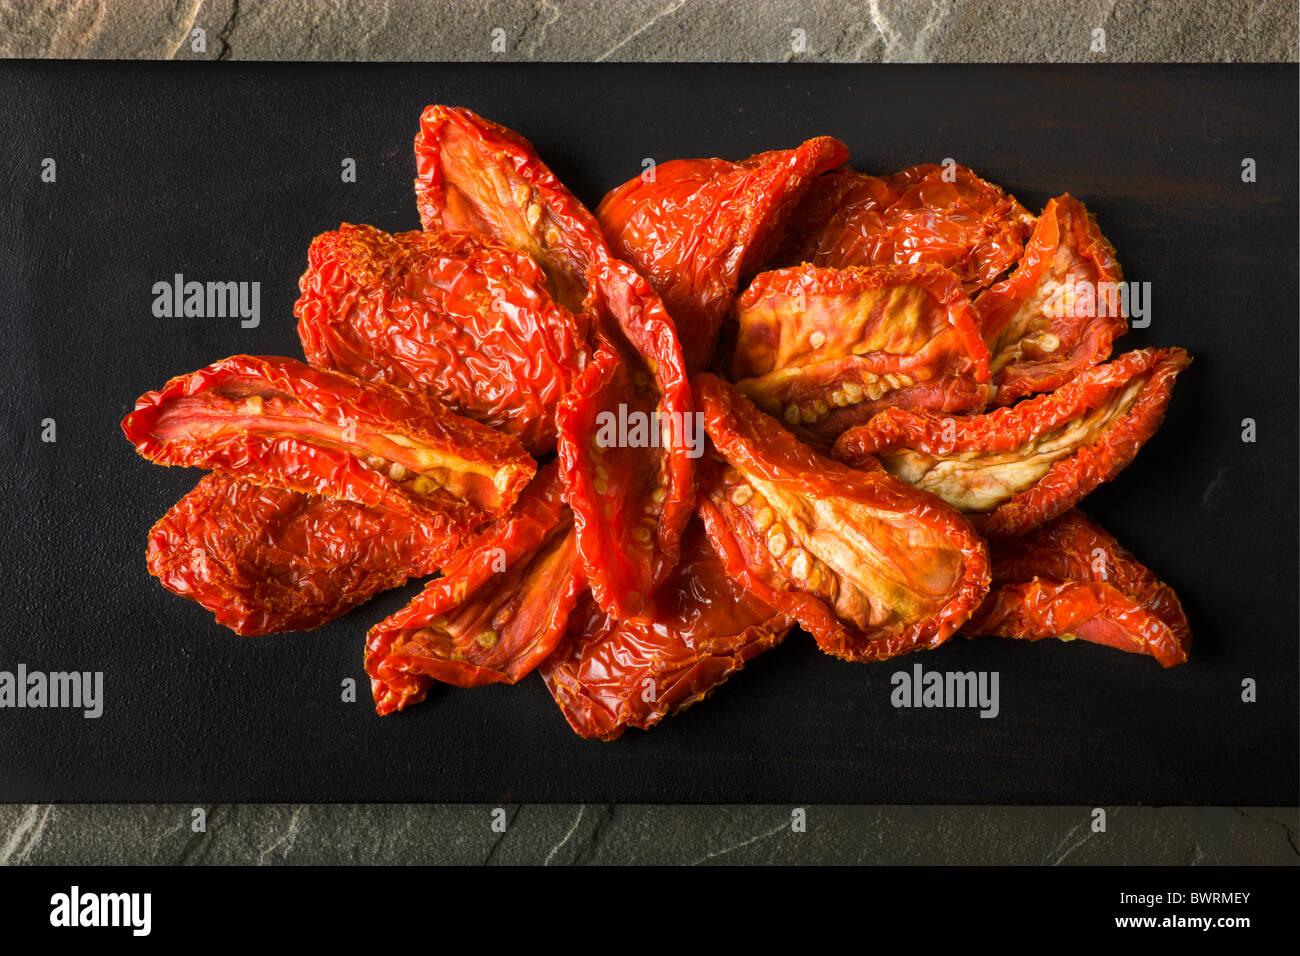 Ein paar Sun-Dried Tomaten auf einem schwarzen Hintergrund. Stockbild